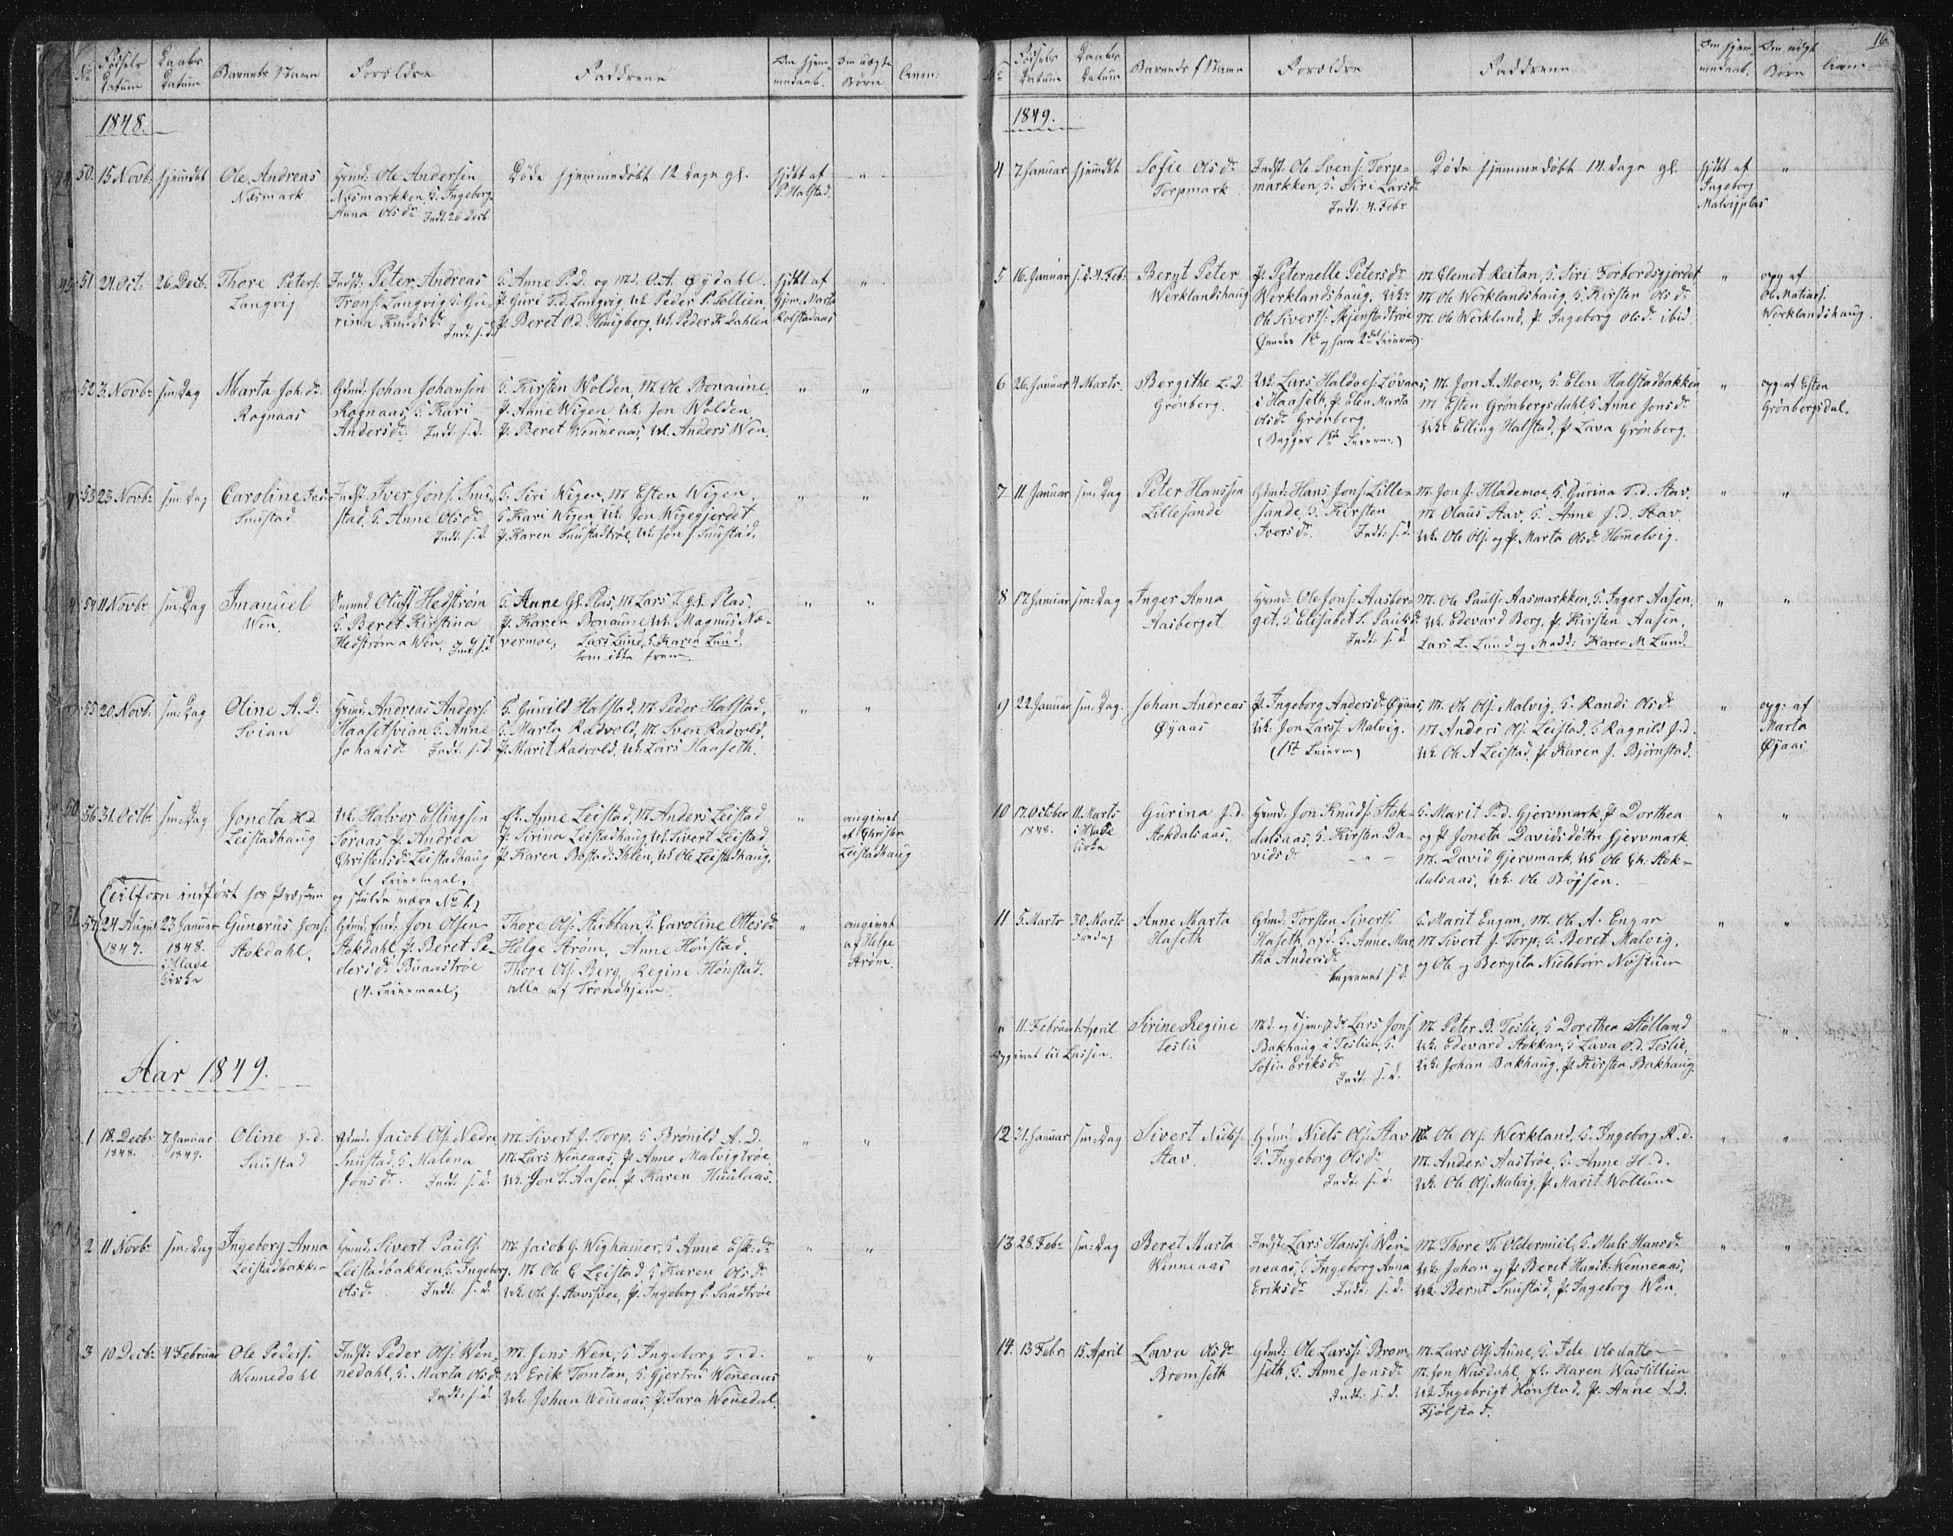 SAT, Ministerialprotokoller, klokkerbøker og fødselsregistre - Sør-Trøndelag, 616/L0406: Ministerialbok nr. 616A03, 1843-1879, s. 16